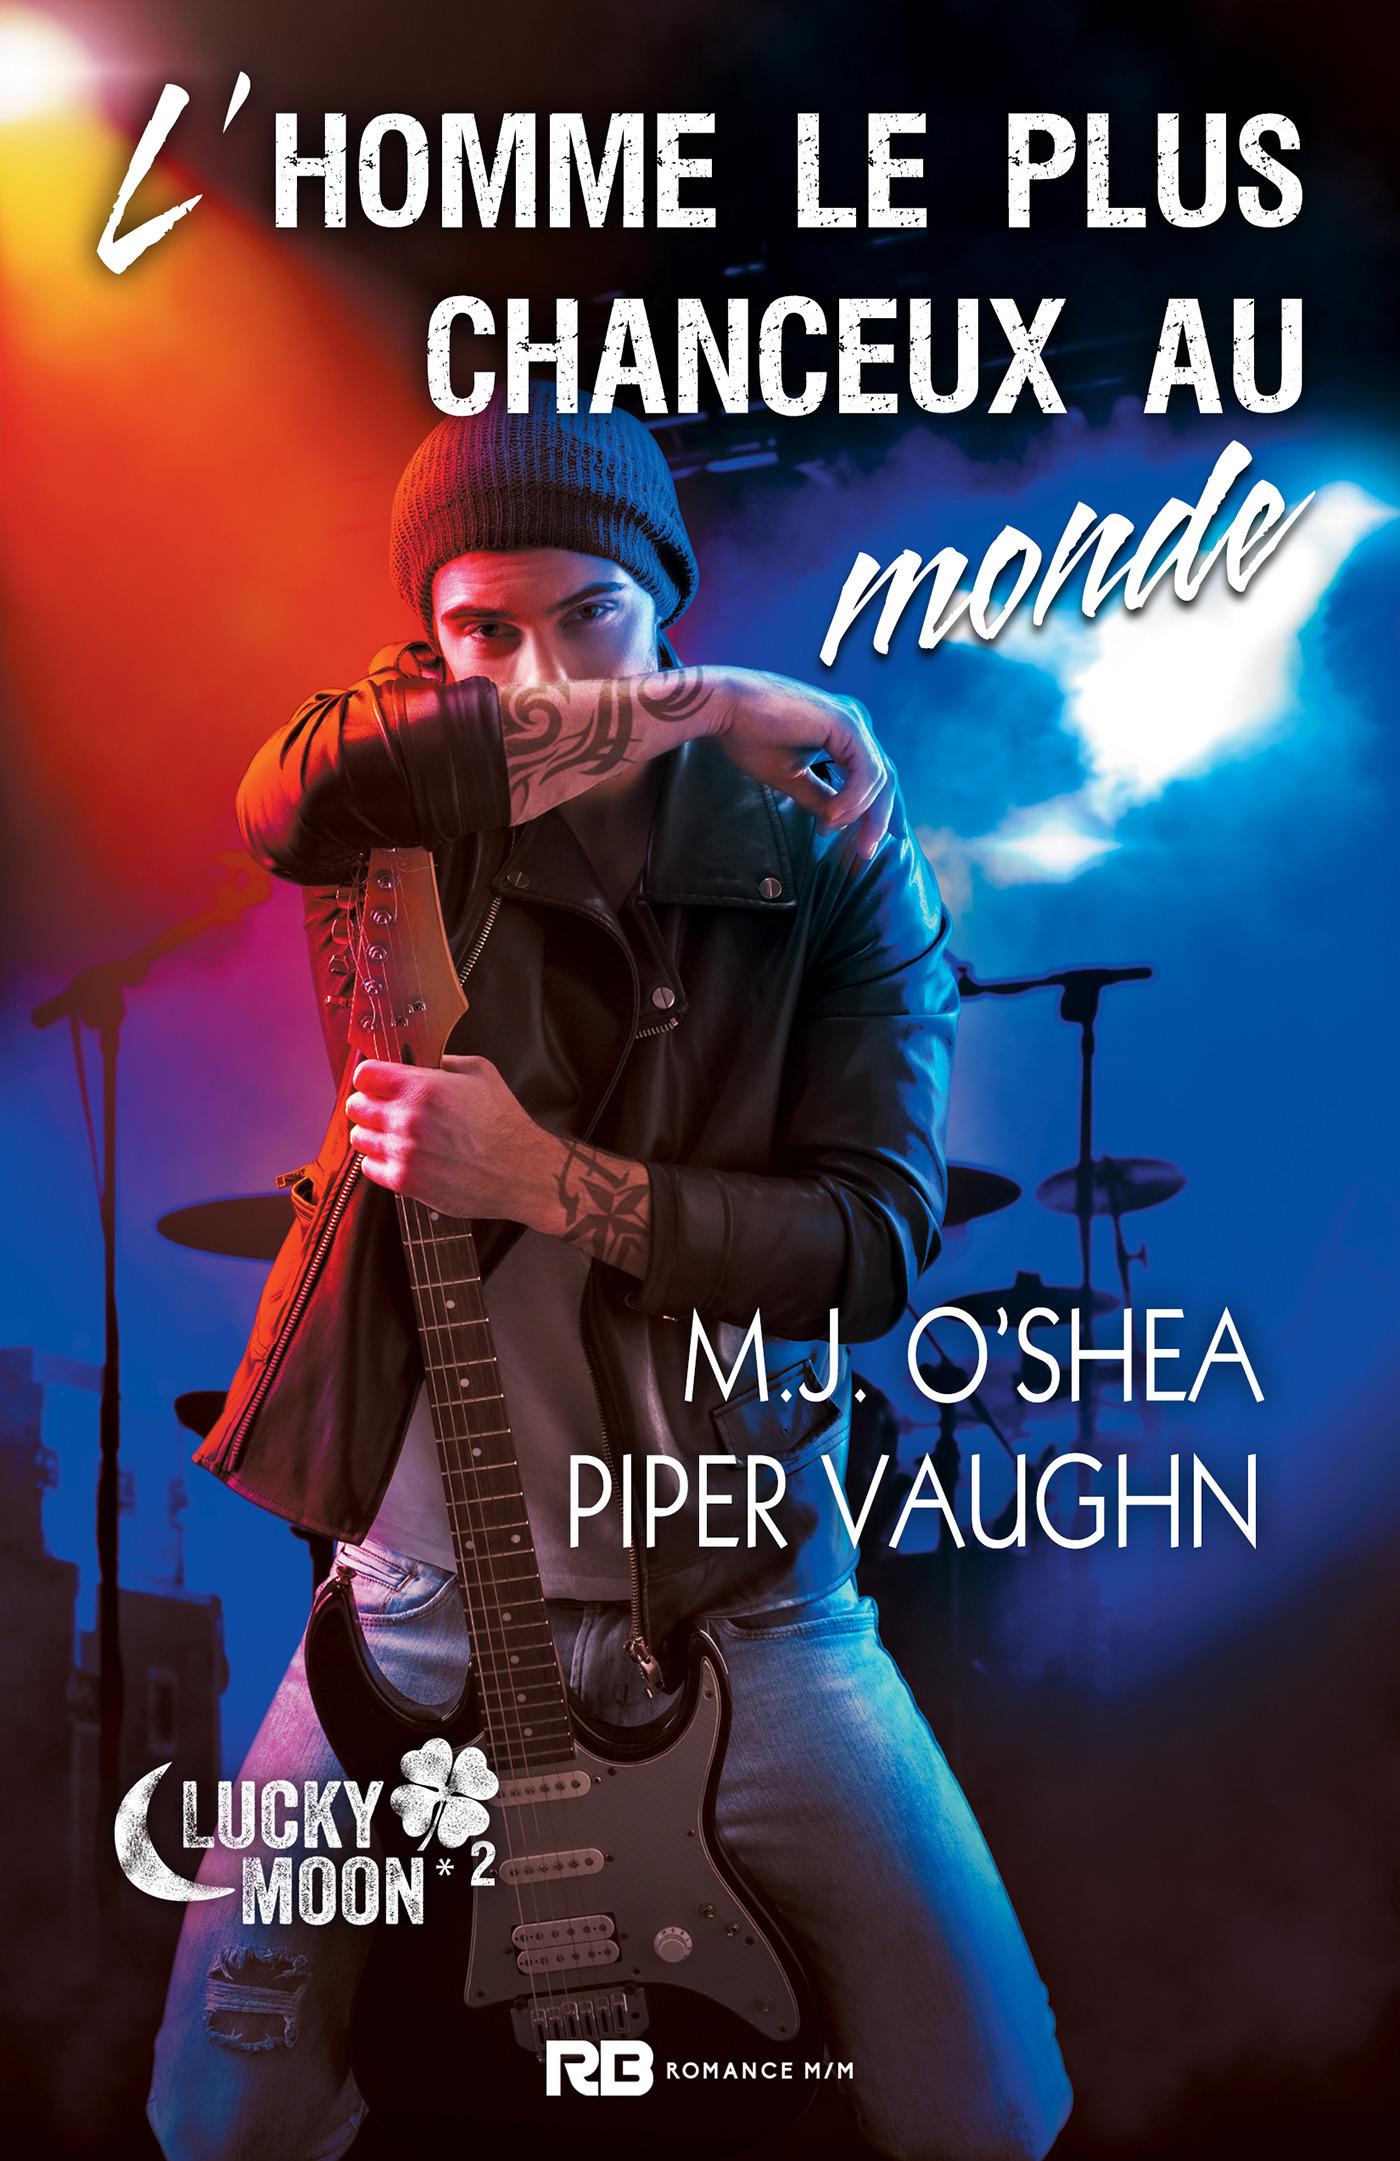 L'homme le plus chanceux au monde  - Vaughn/O'Shea  - Piper Vaughn  - M.J. O'Shea